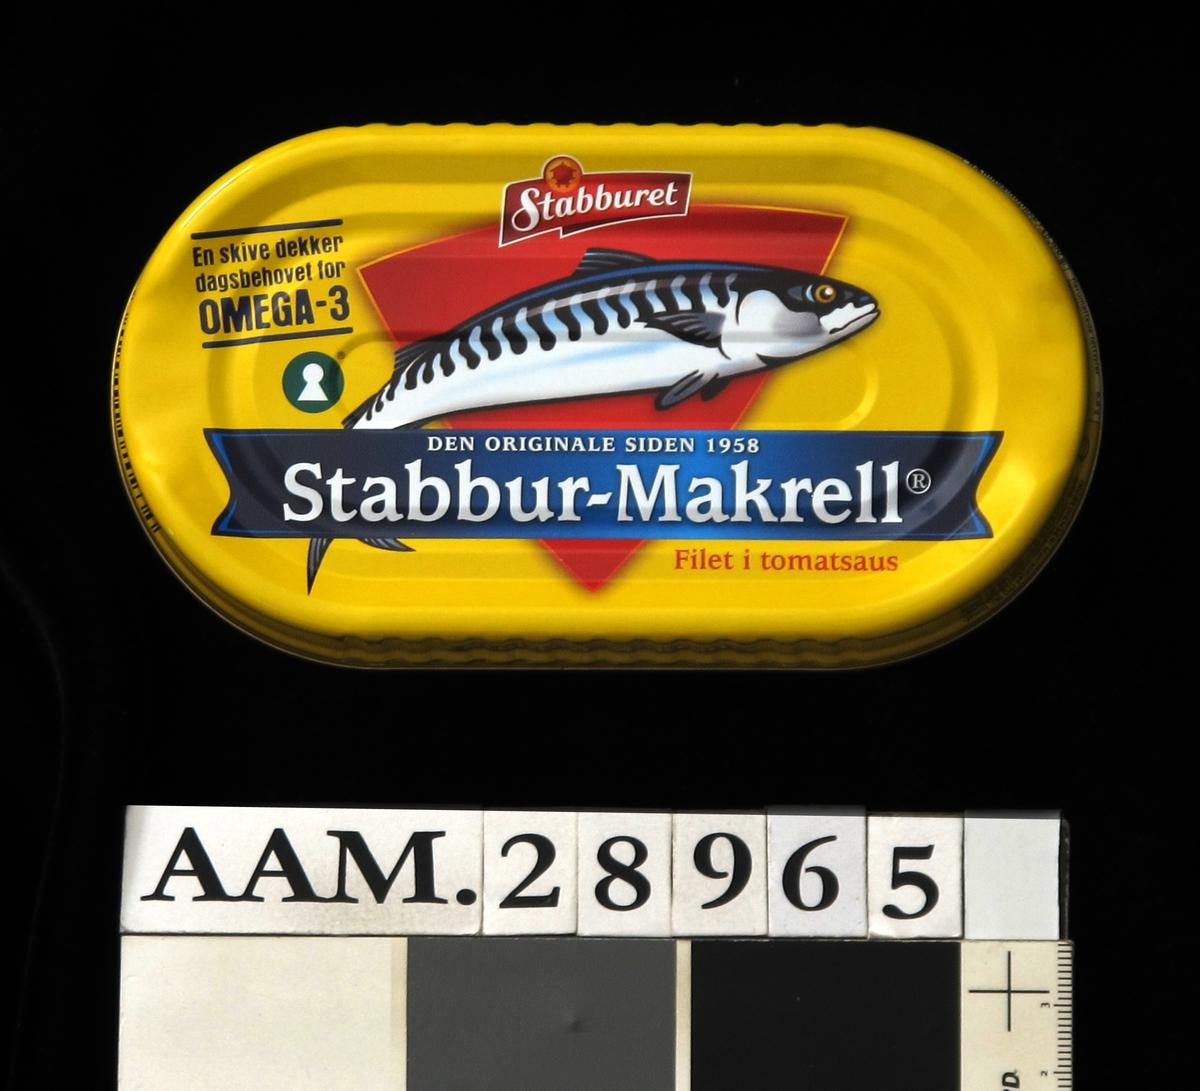 Tegning av makrell.